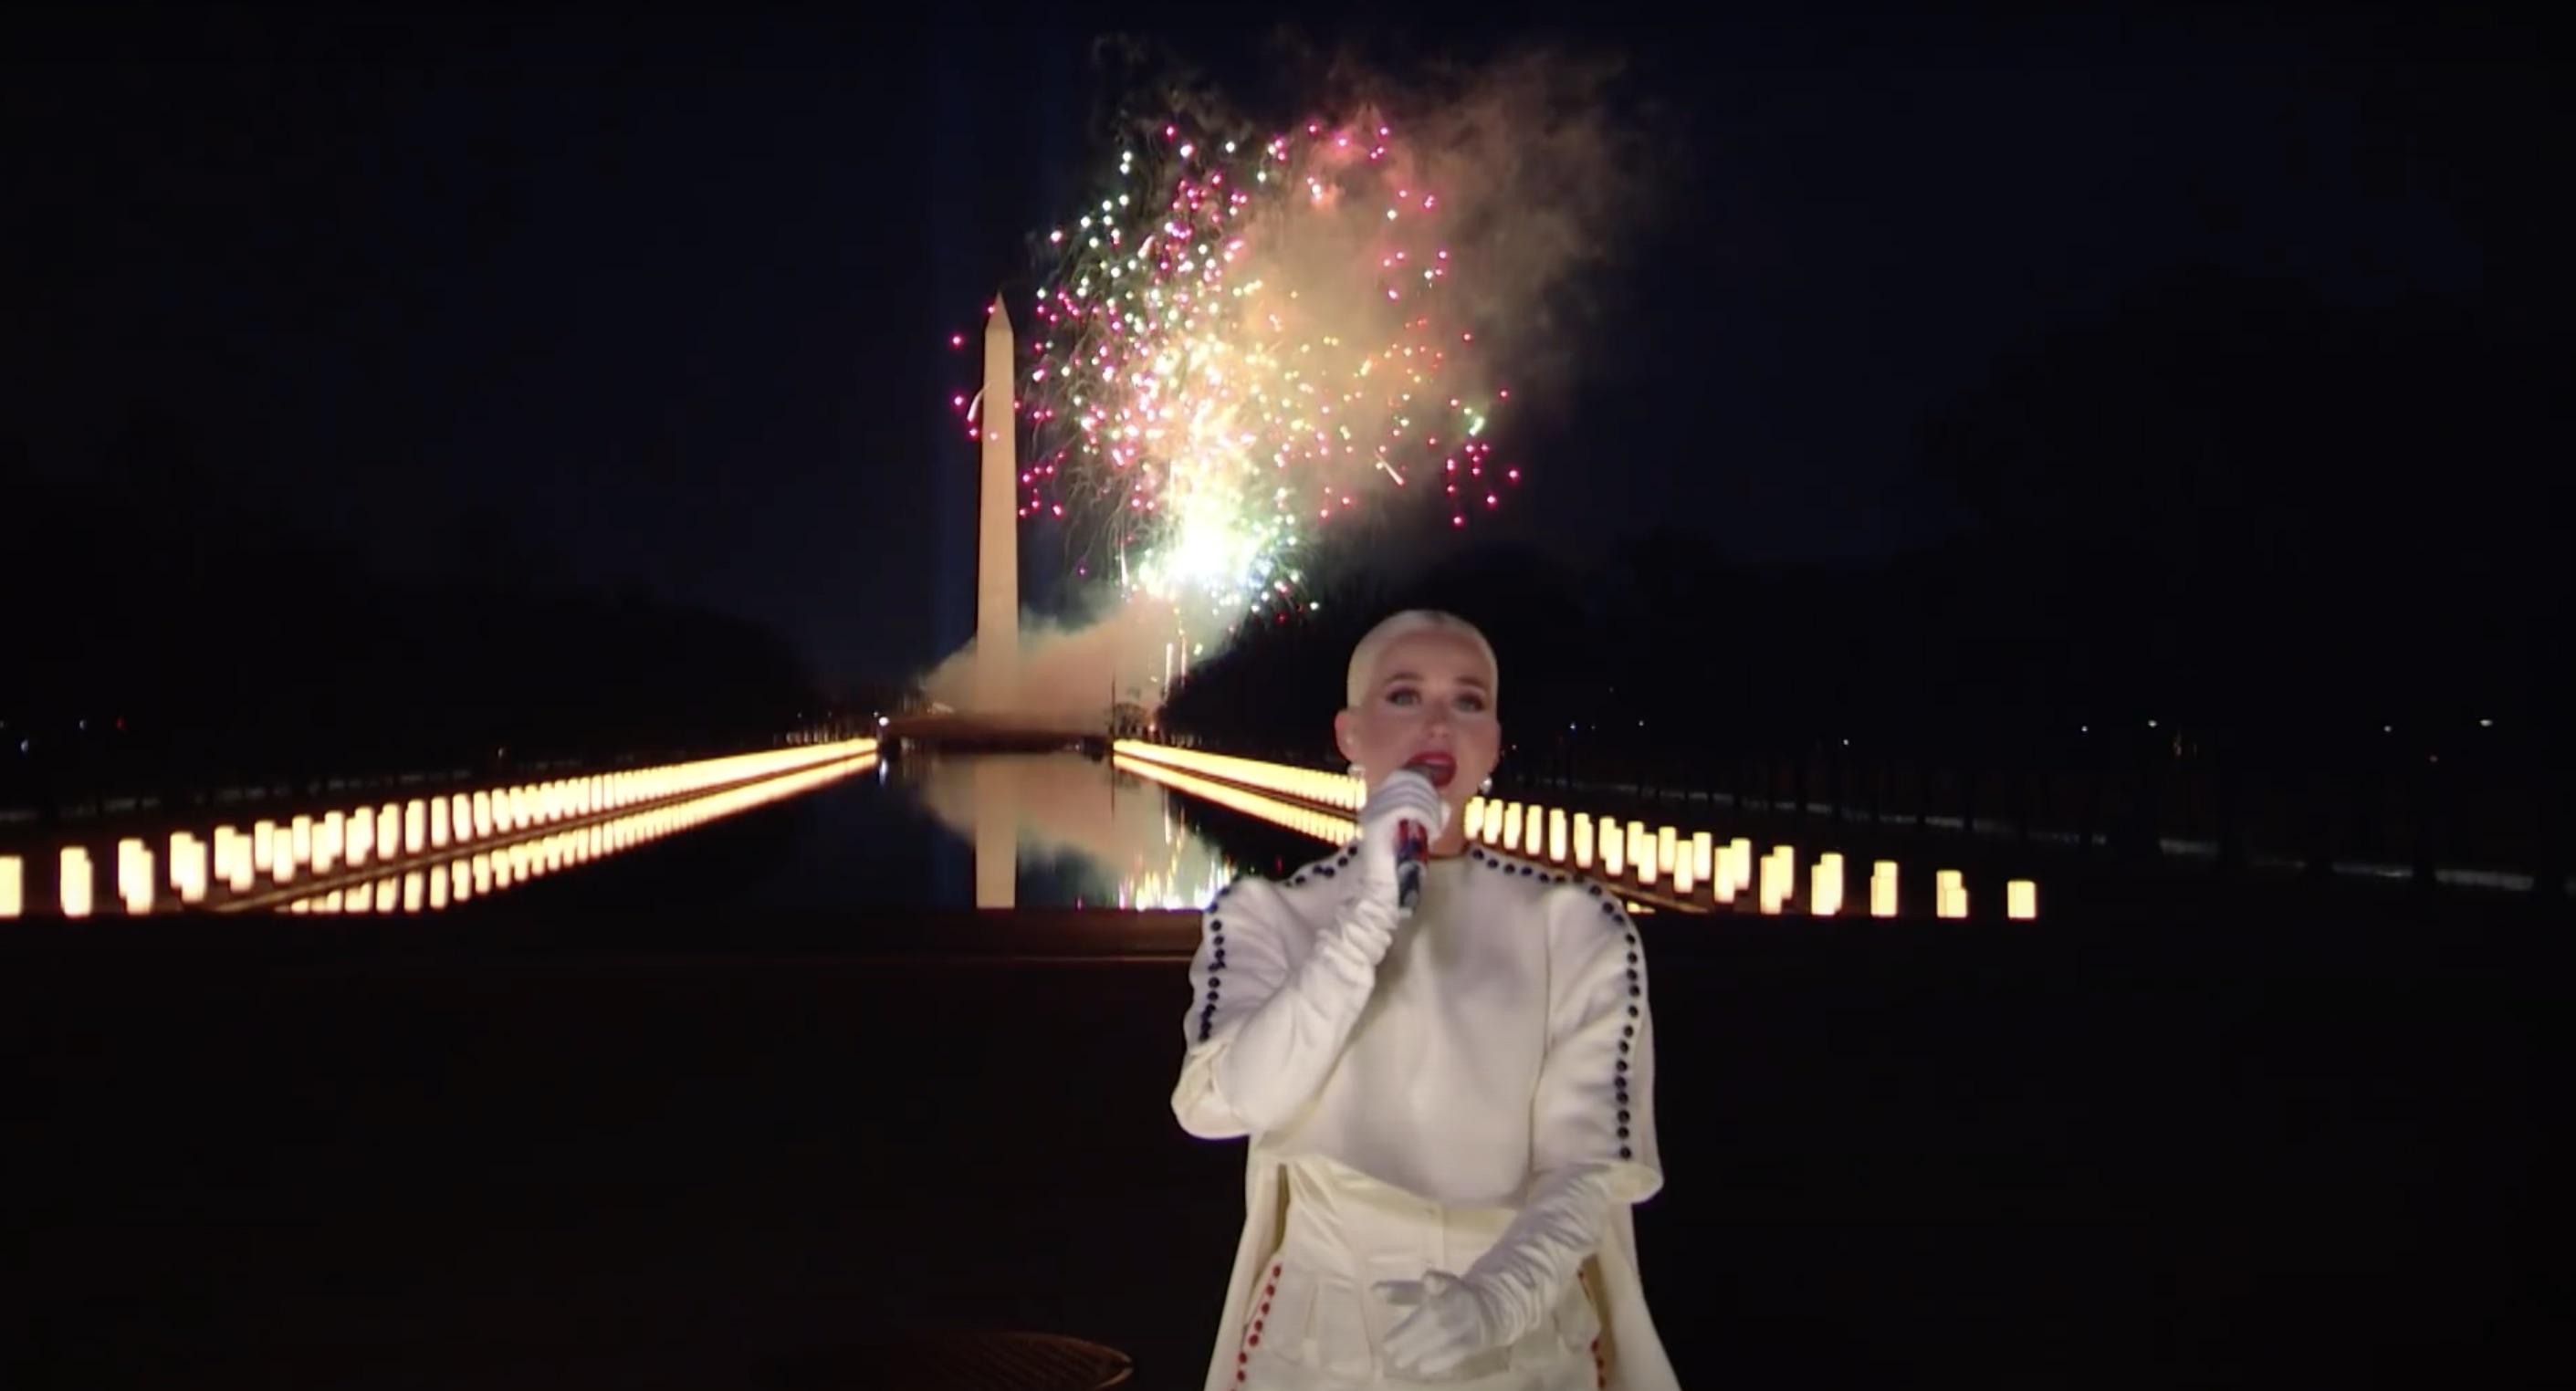 Katy Perry - Fireworks - Joe Biden -